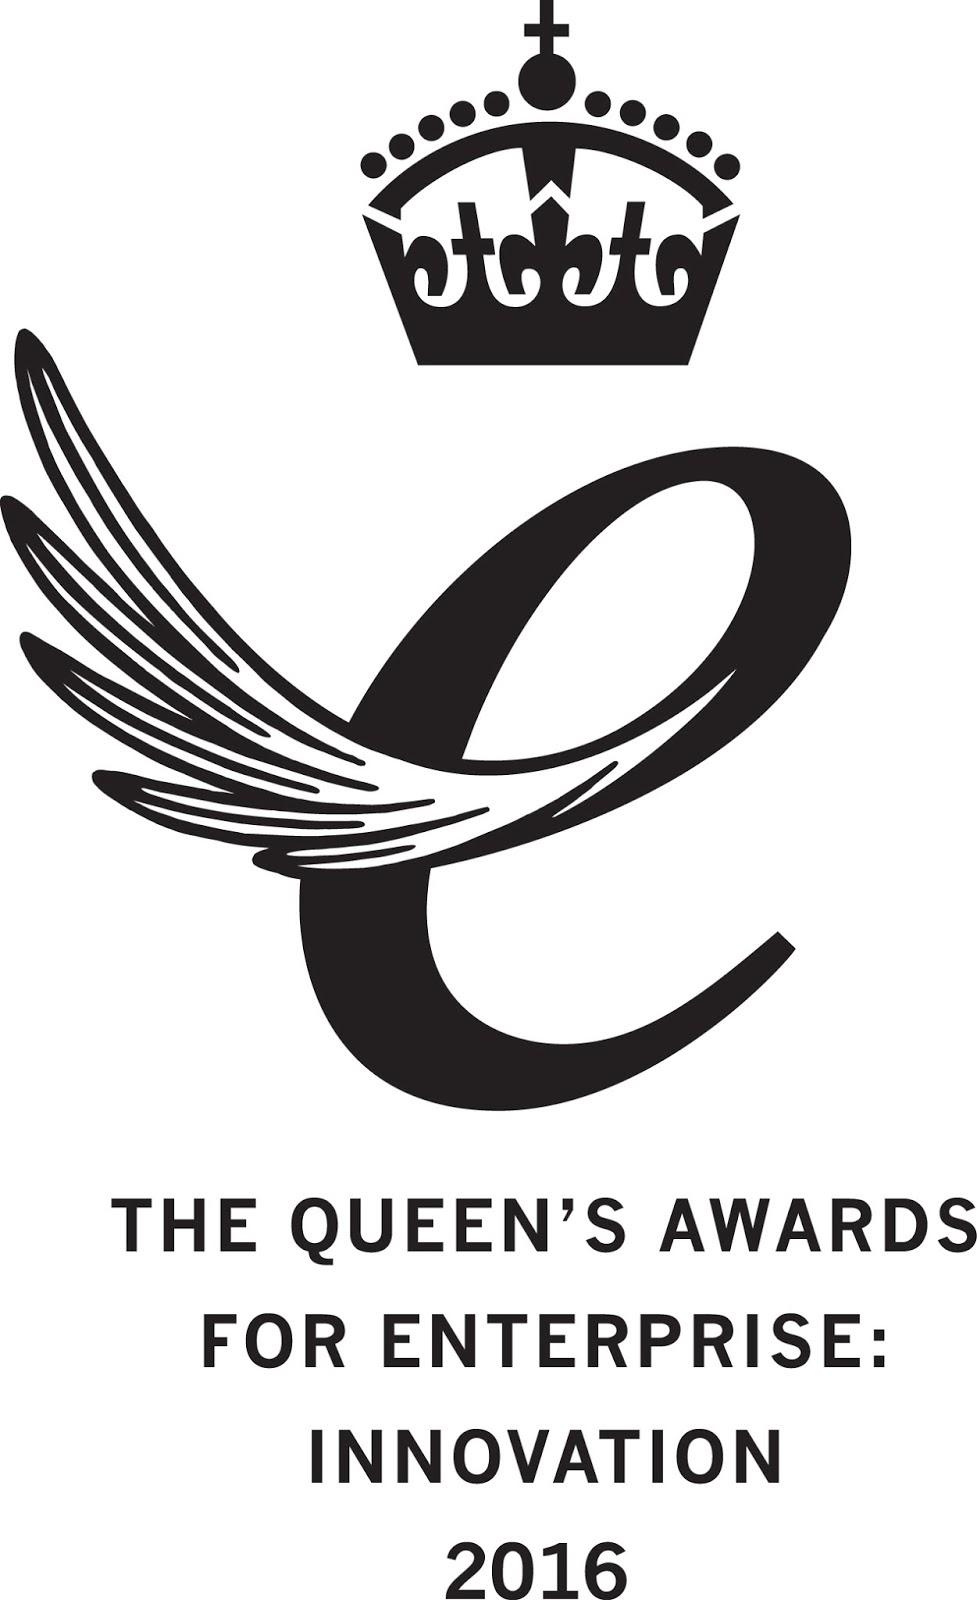 Queens-Award-for-Enterprise-Innovation-2016-Emblem-S